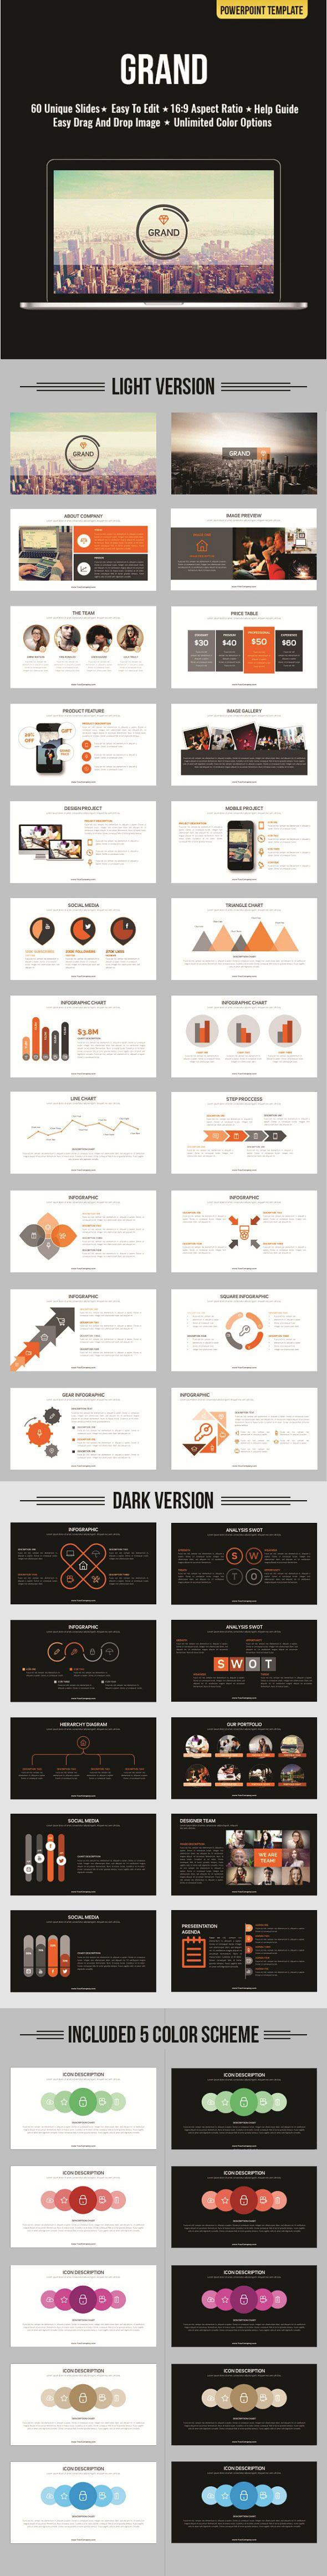 Grand Powerpoint Presentation Design Powerpoint Design